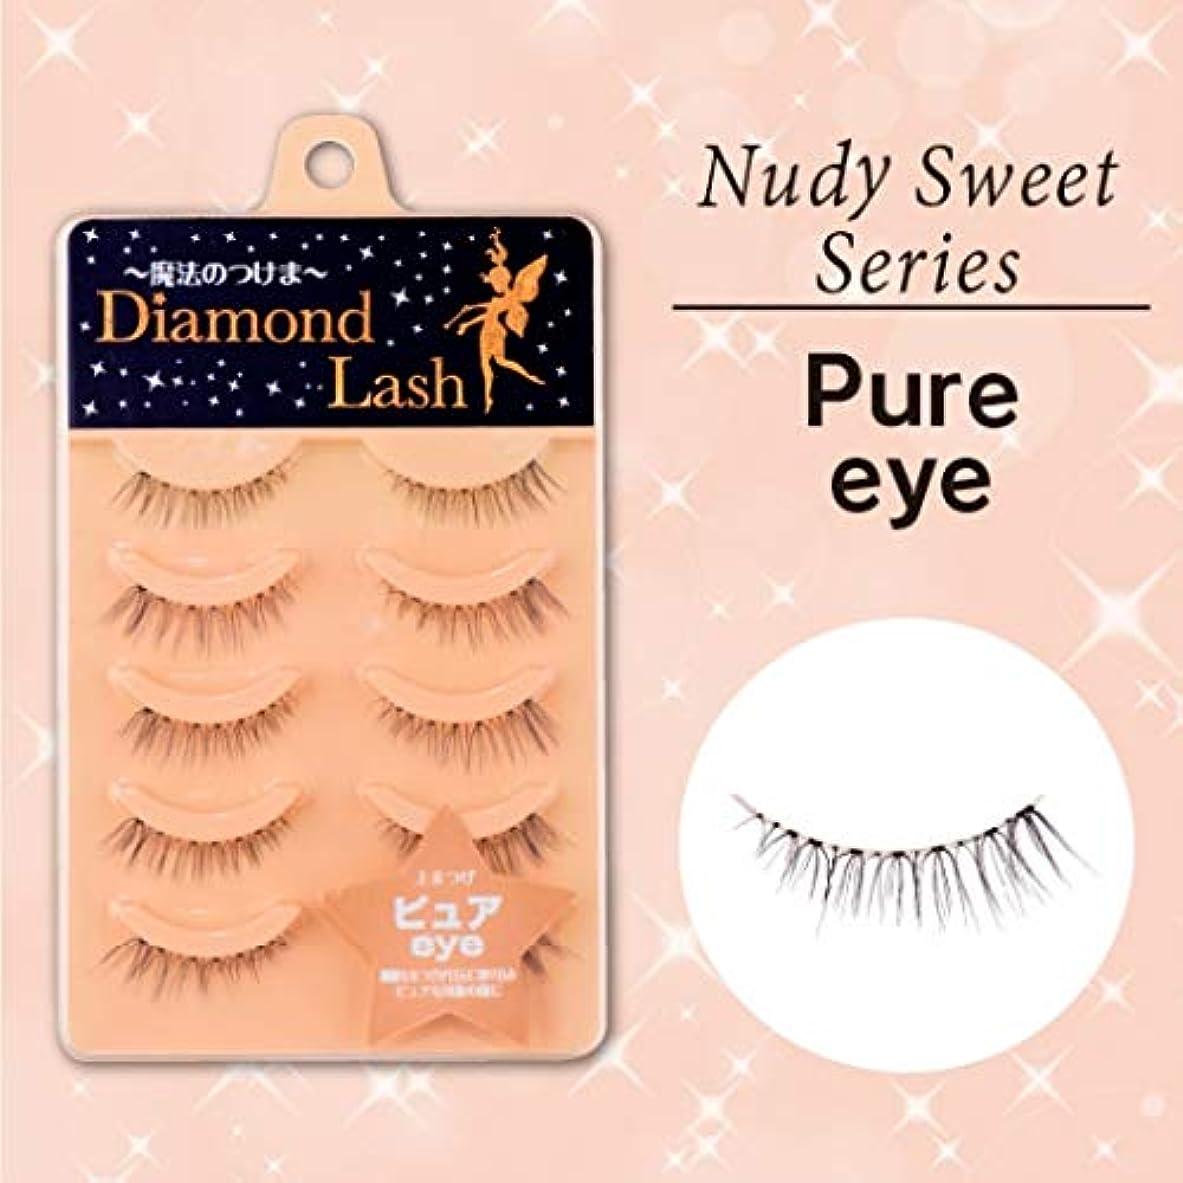 物質付ける熱意ダイヤモンドラッシュ ヌーディスウィートシリーズ ピュアeye